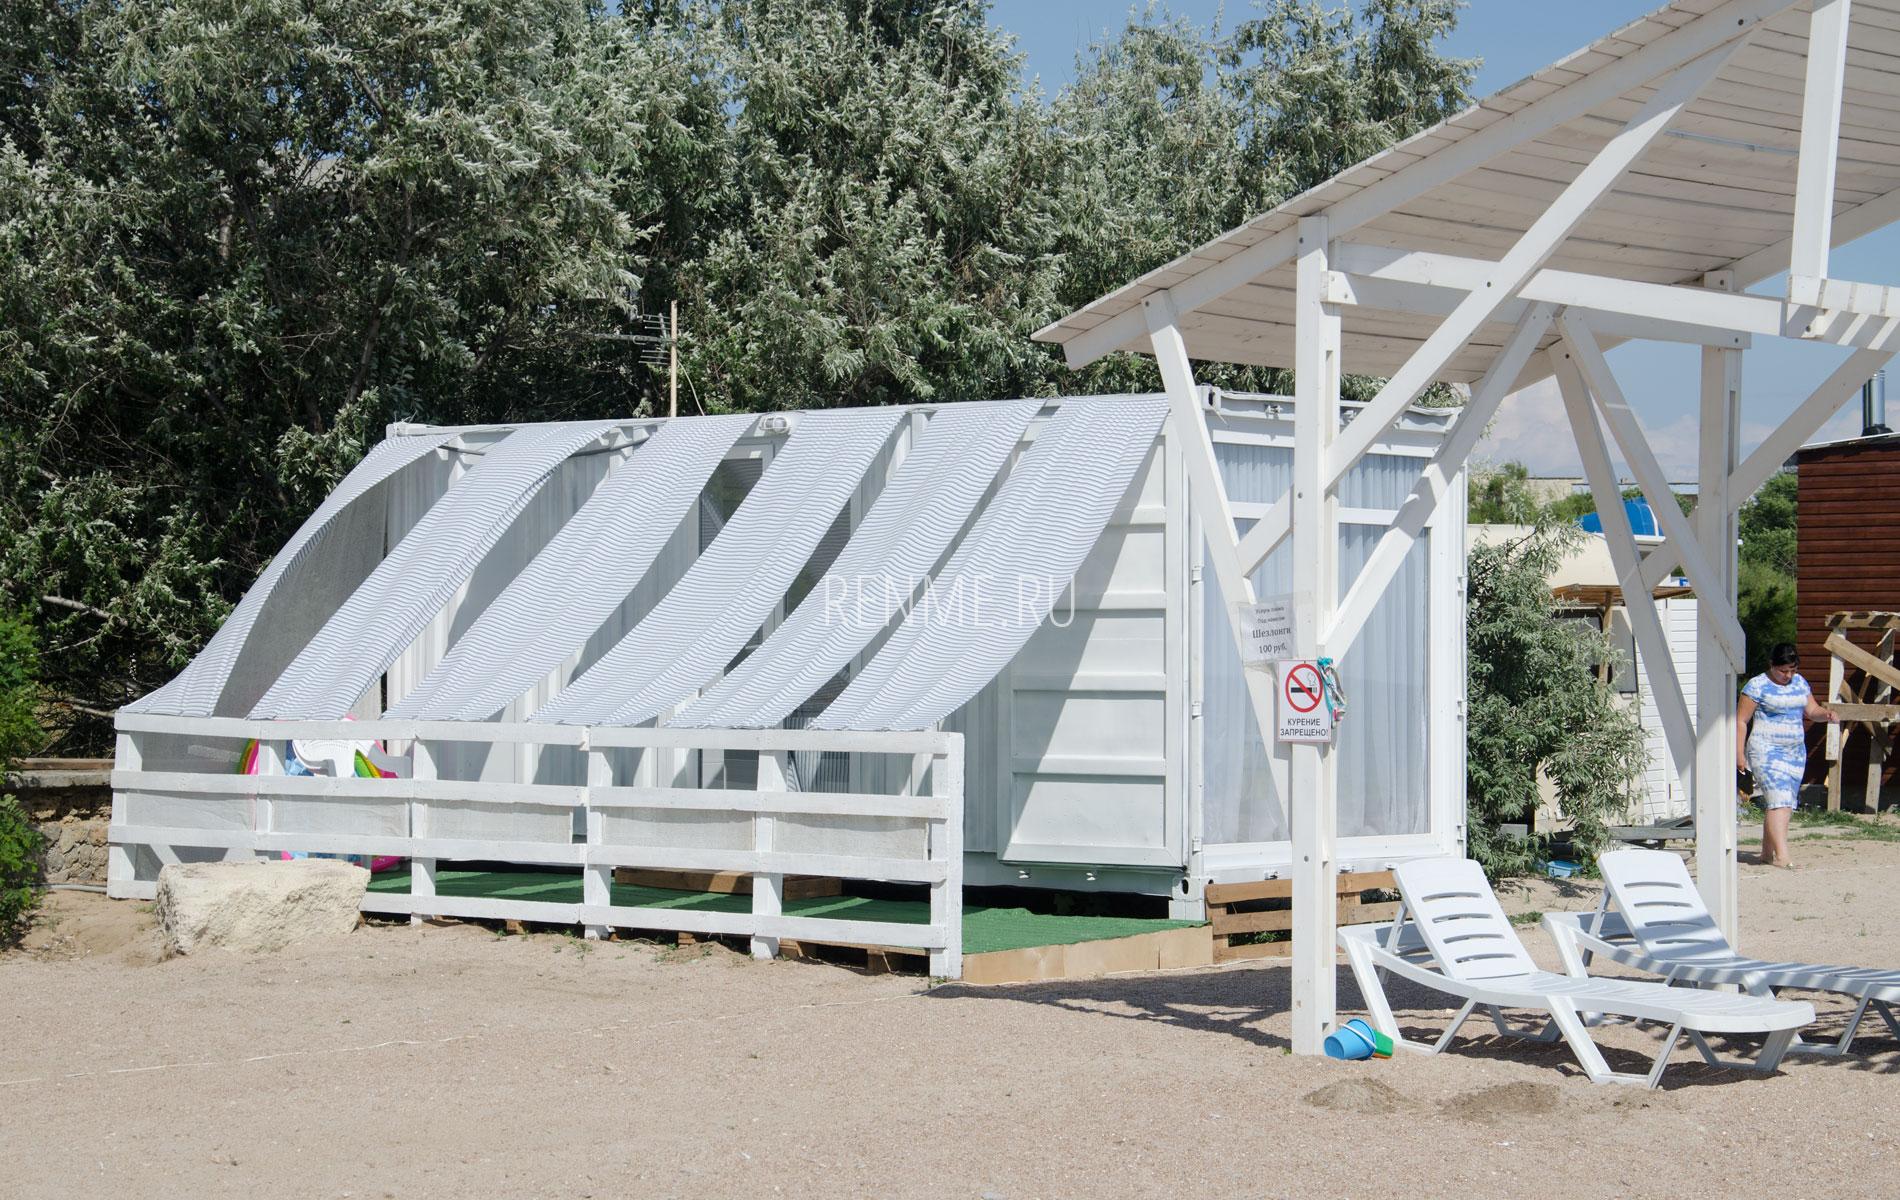 Домик на пляже в Заозерном. Фото Заозёрного